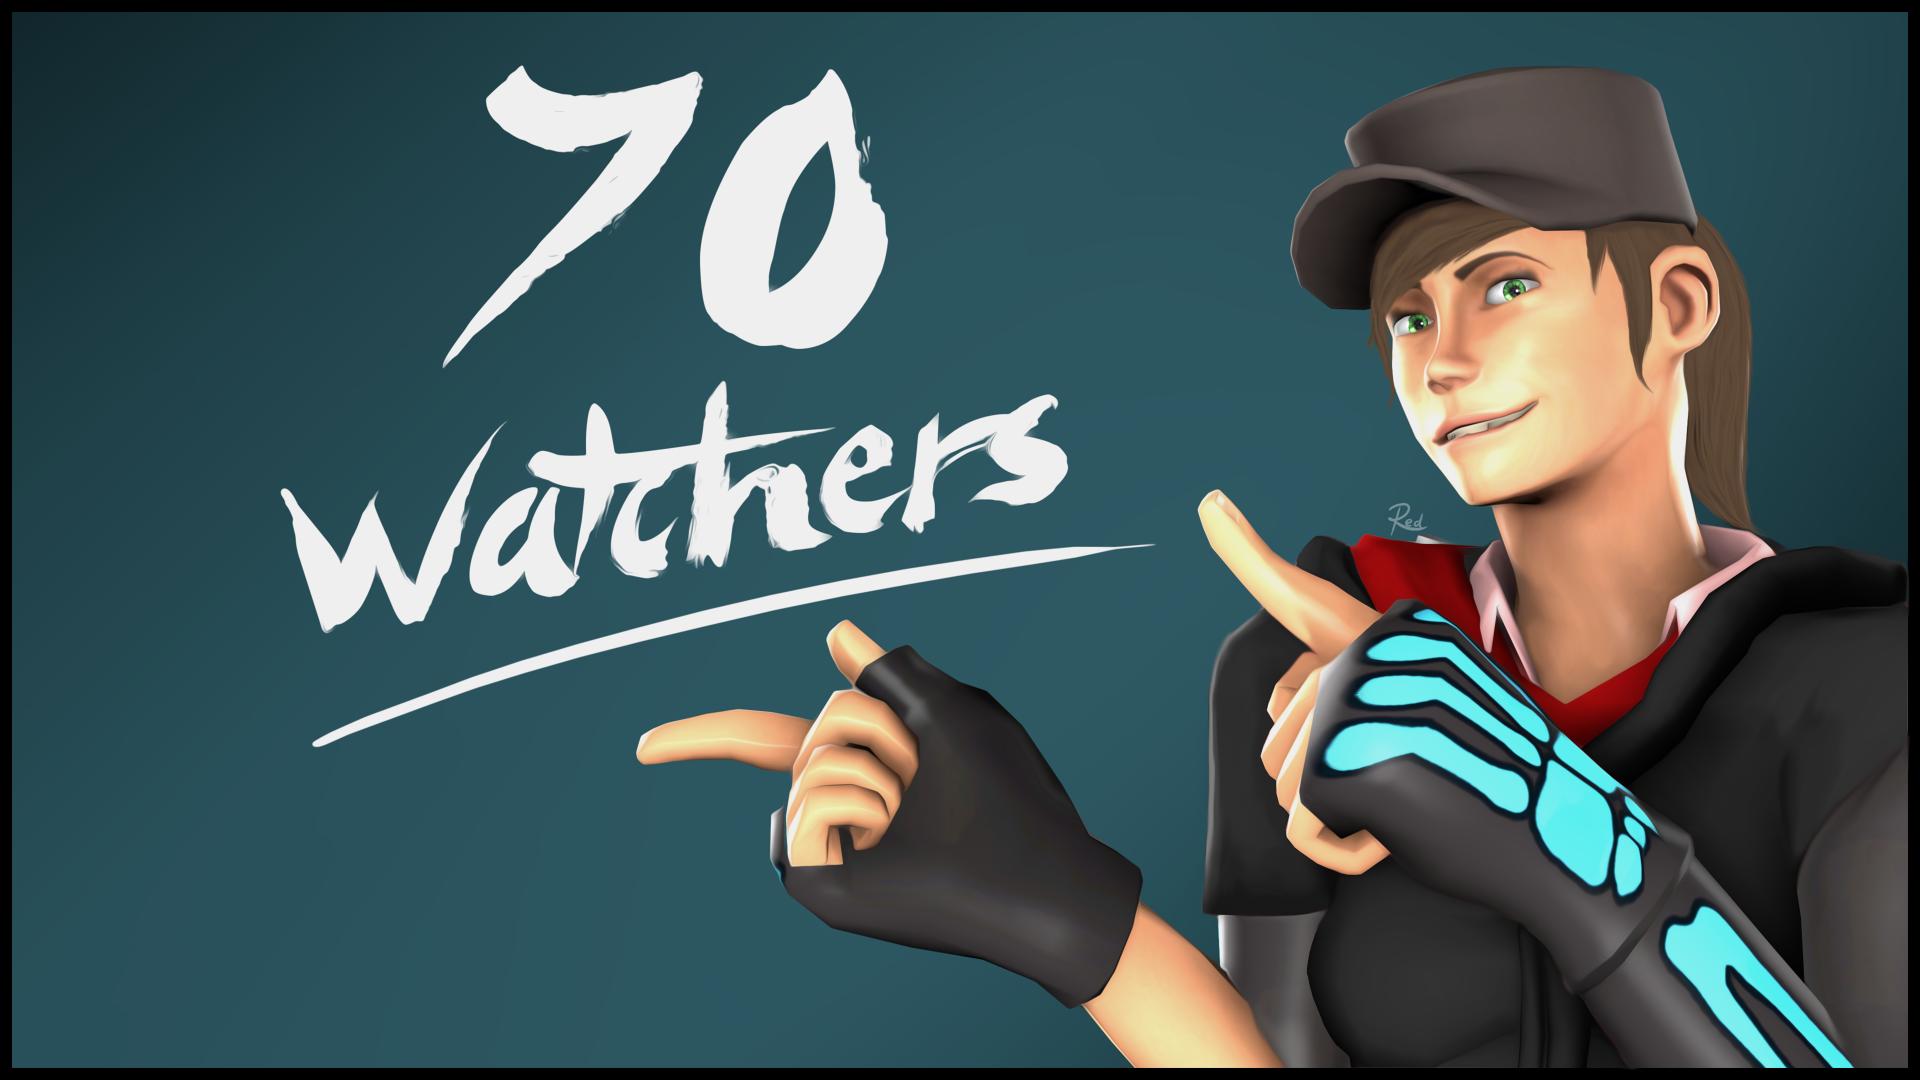 [SFM] 70 watchers! by ScAnnReD